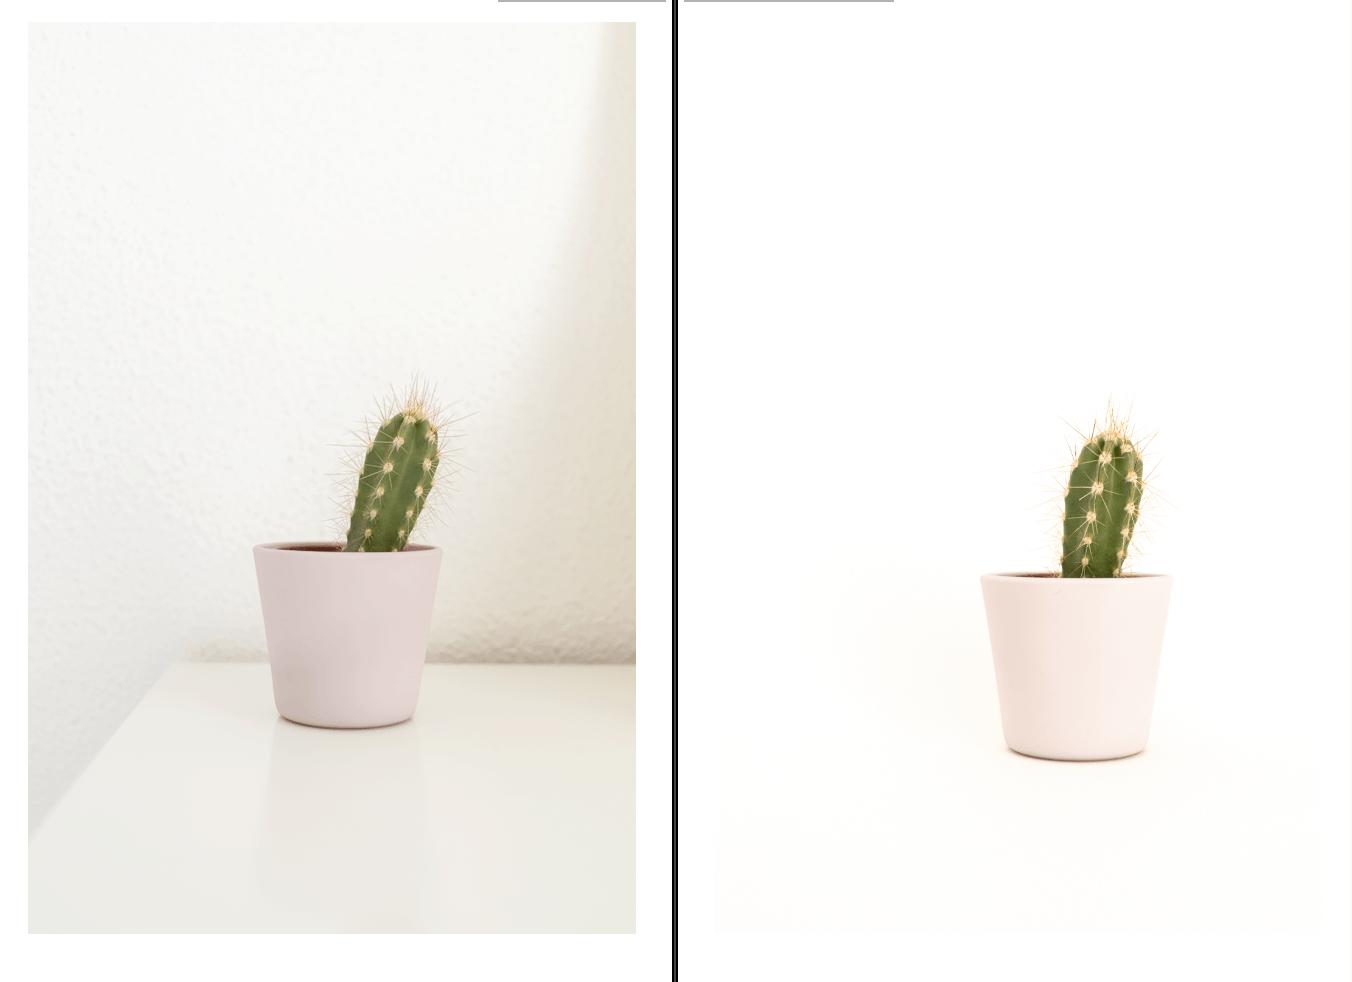 Comparativa de imagen sin y con fondo infinito casero